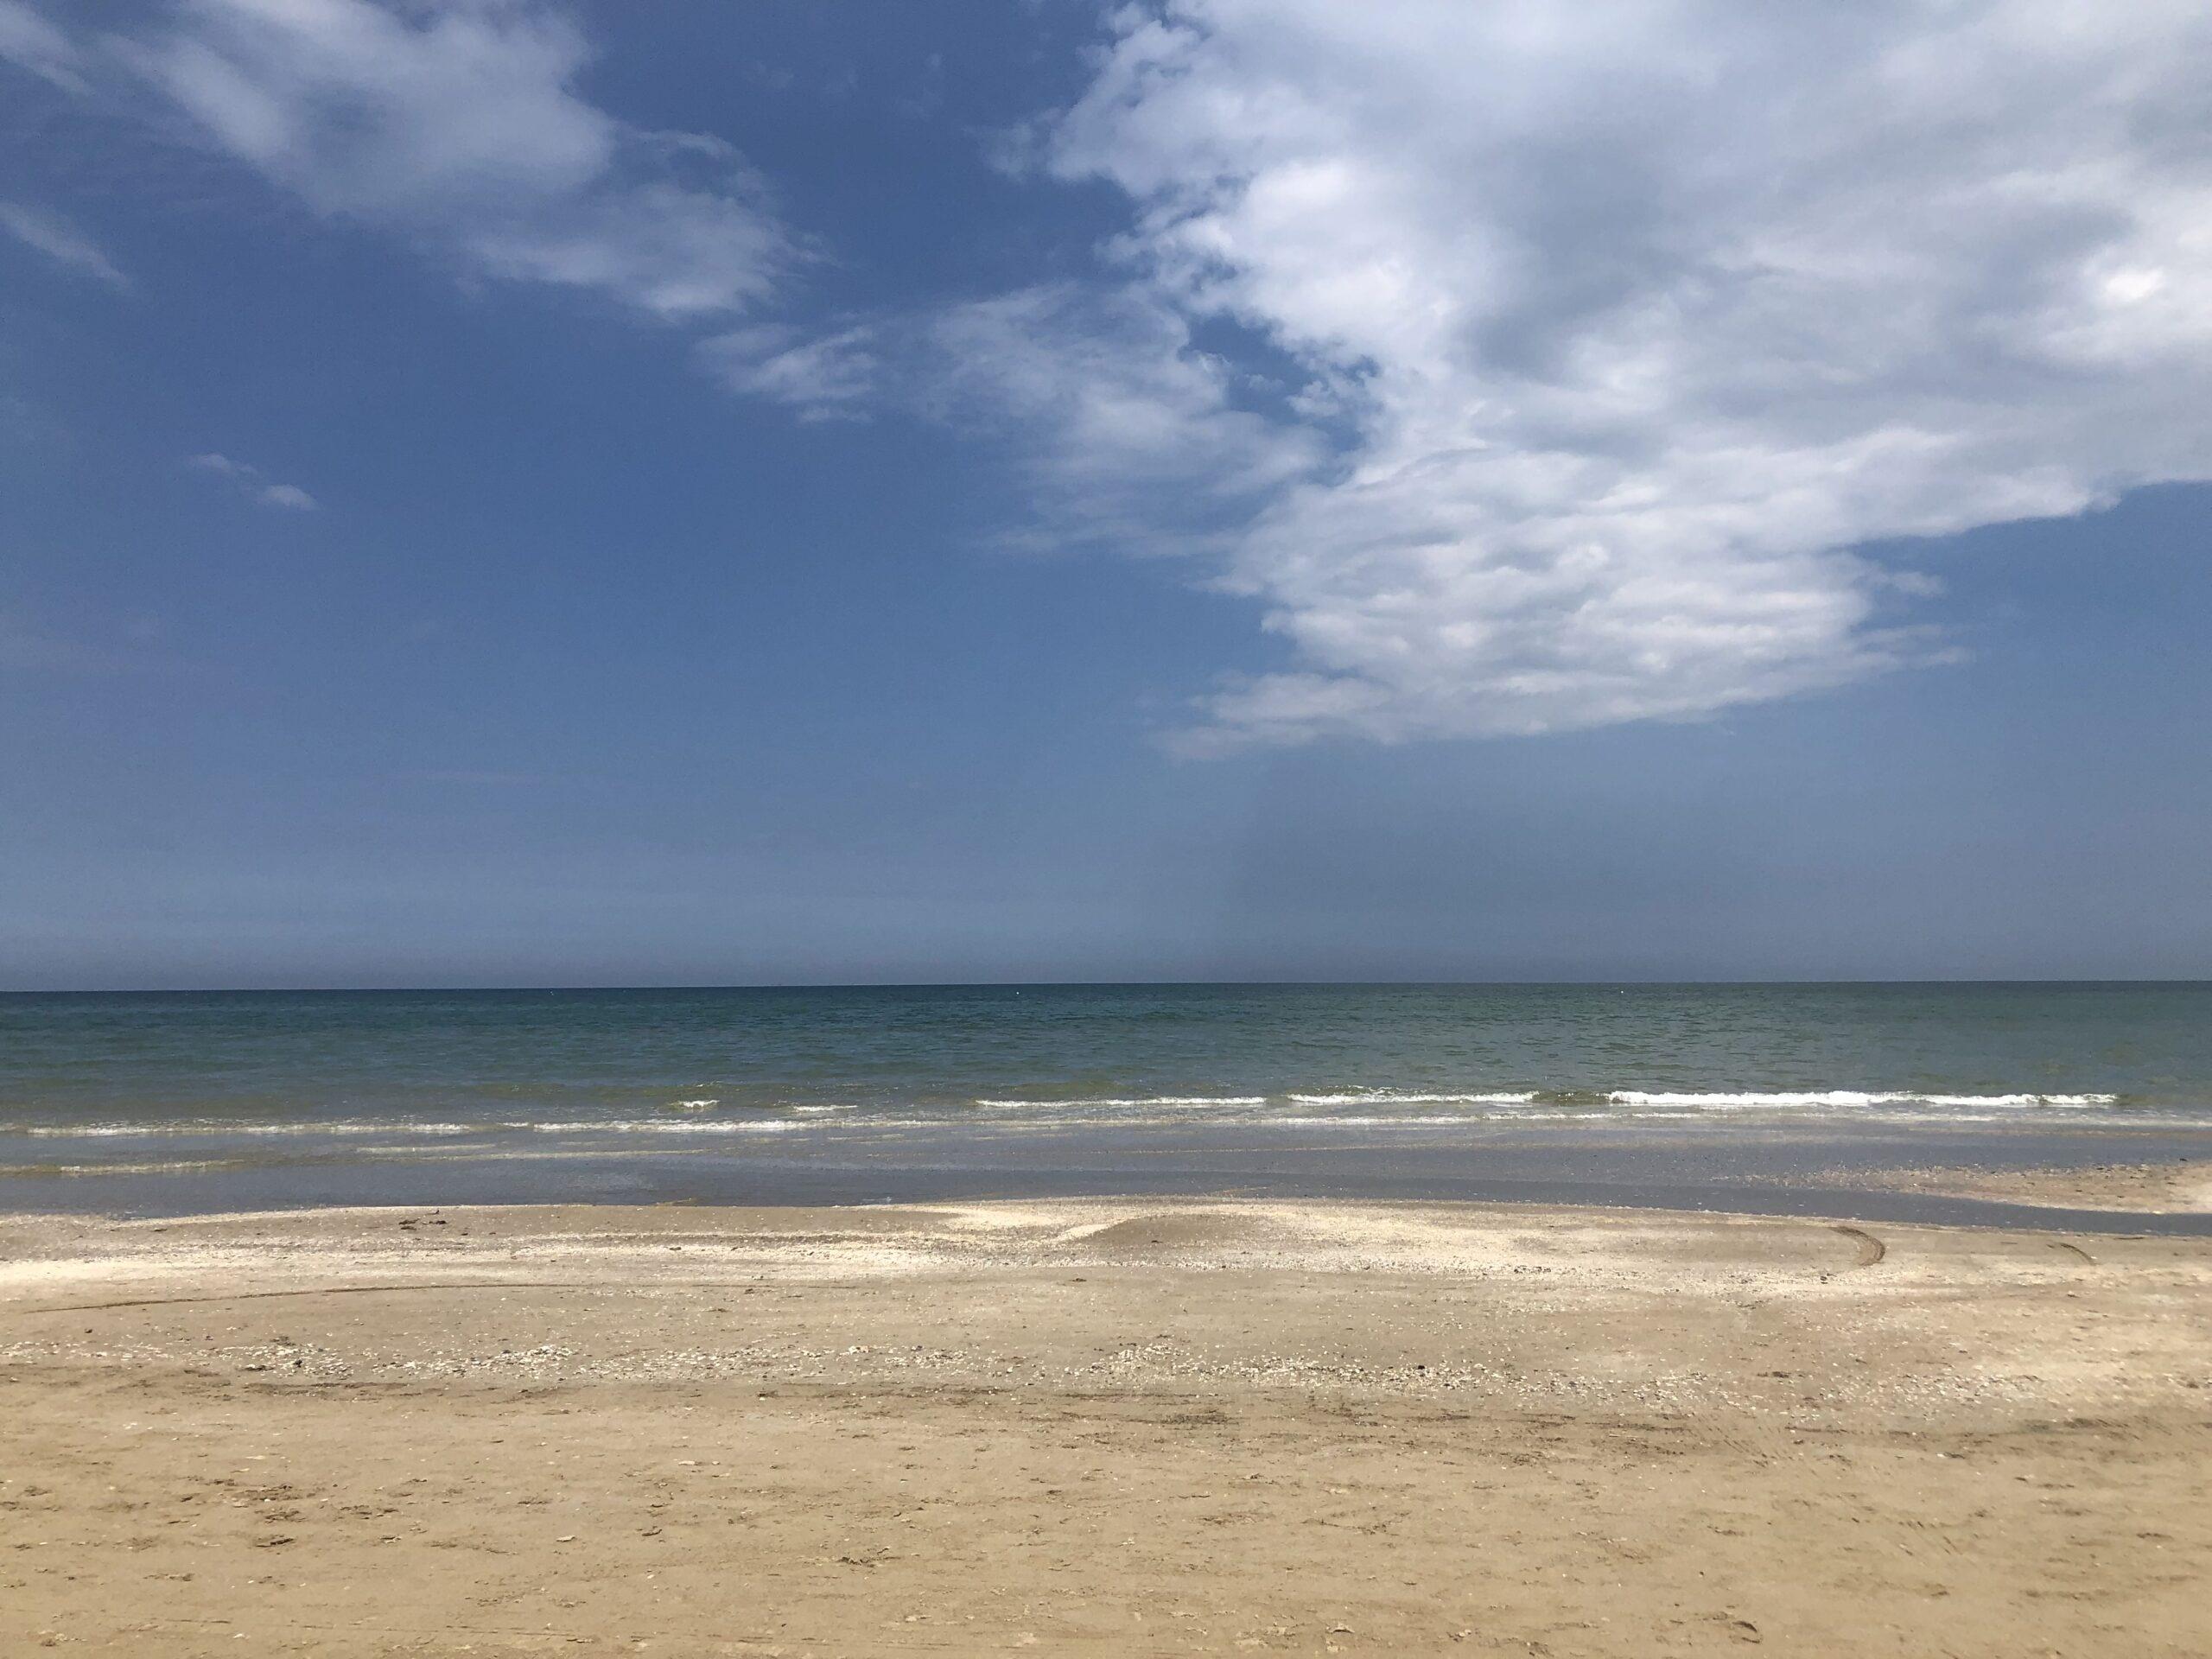 Una passeggiata sulla spiaggia a Rimini - Cose da fare a Rimini